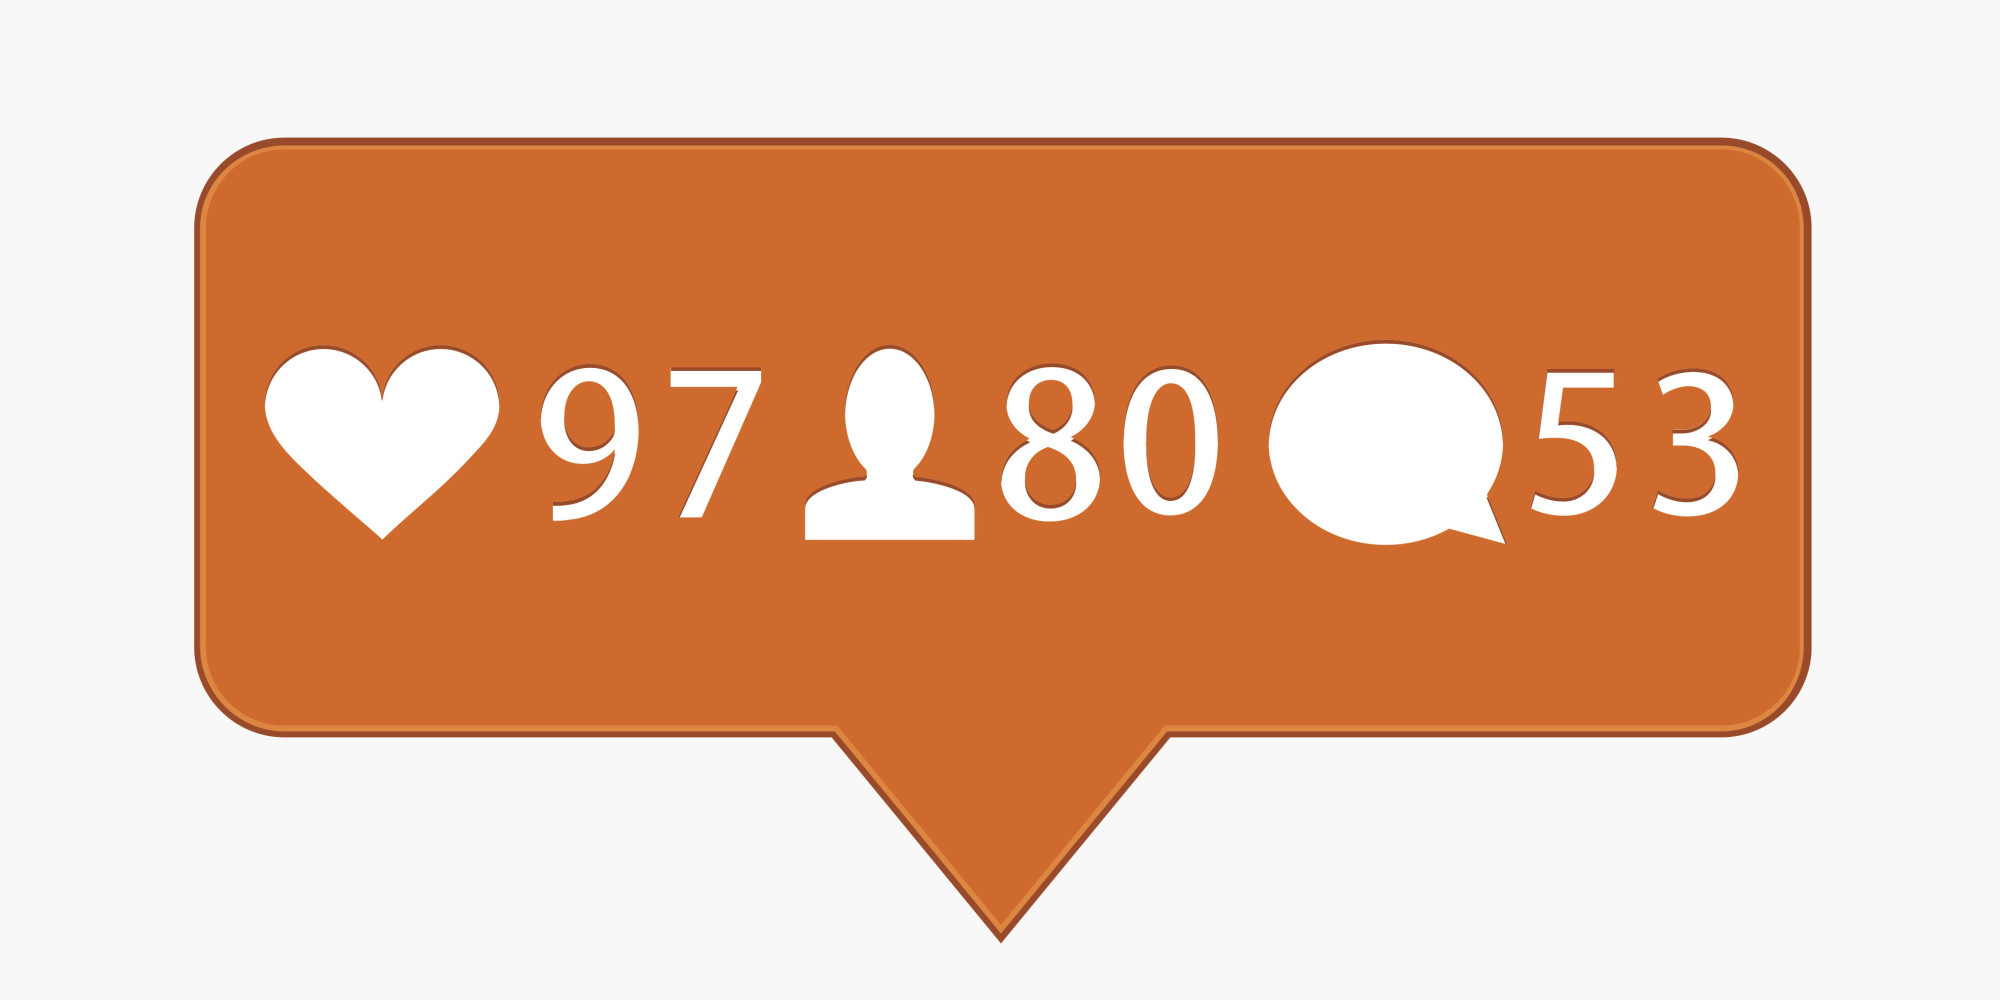 Multicompte Instagram : un bug permet de voir les notifications de la personne qui partage un compte avec vous